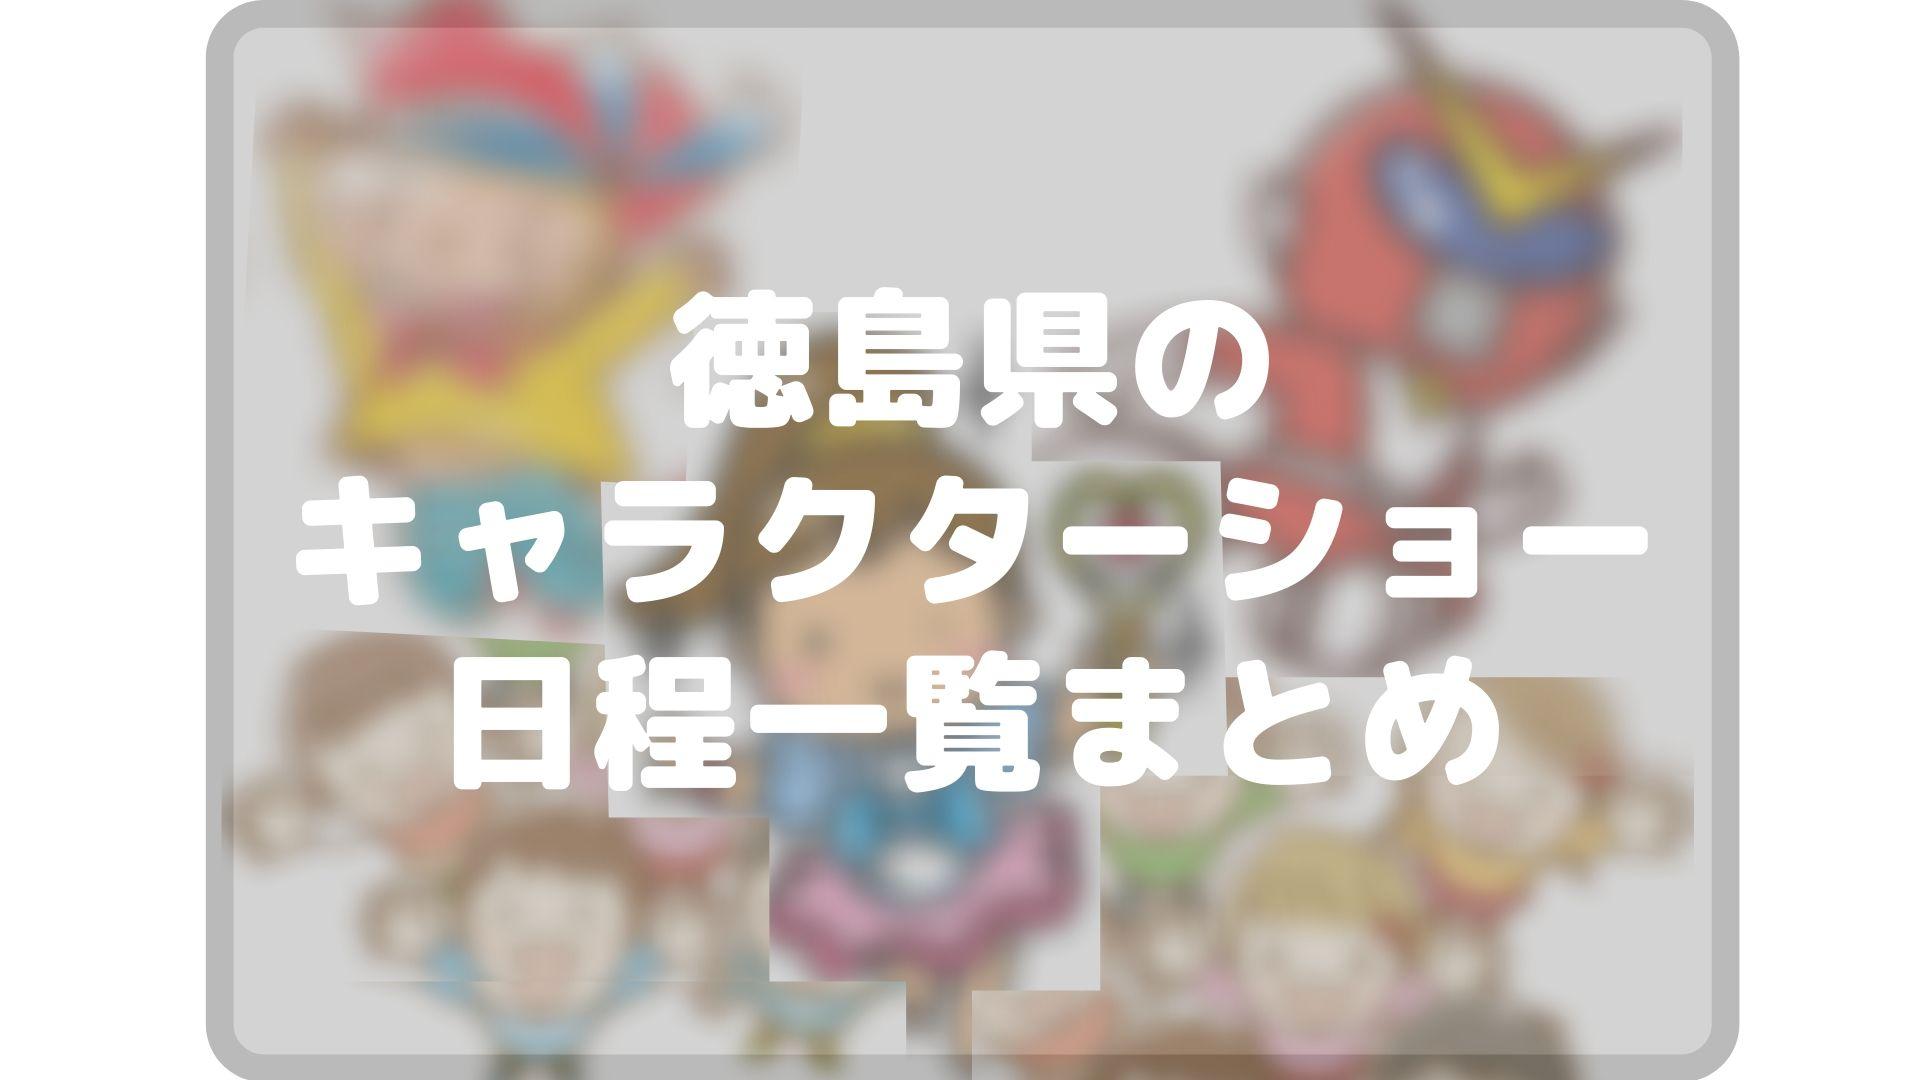 徳島県のキャラクターショーまとめタイトル画像